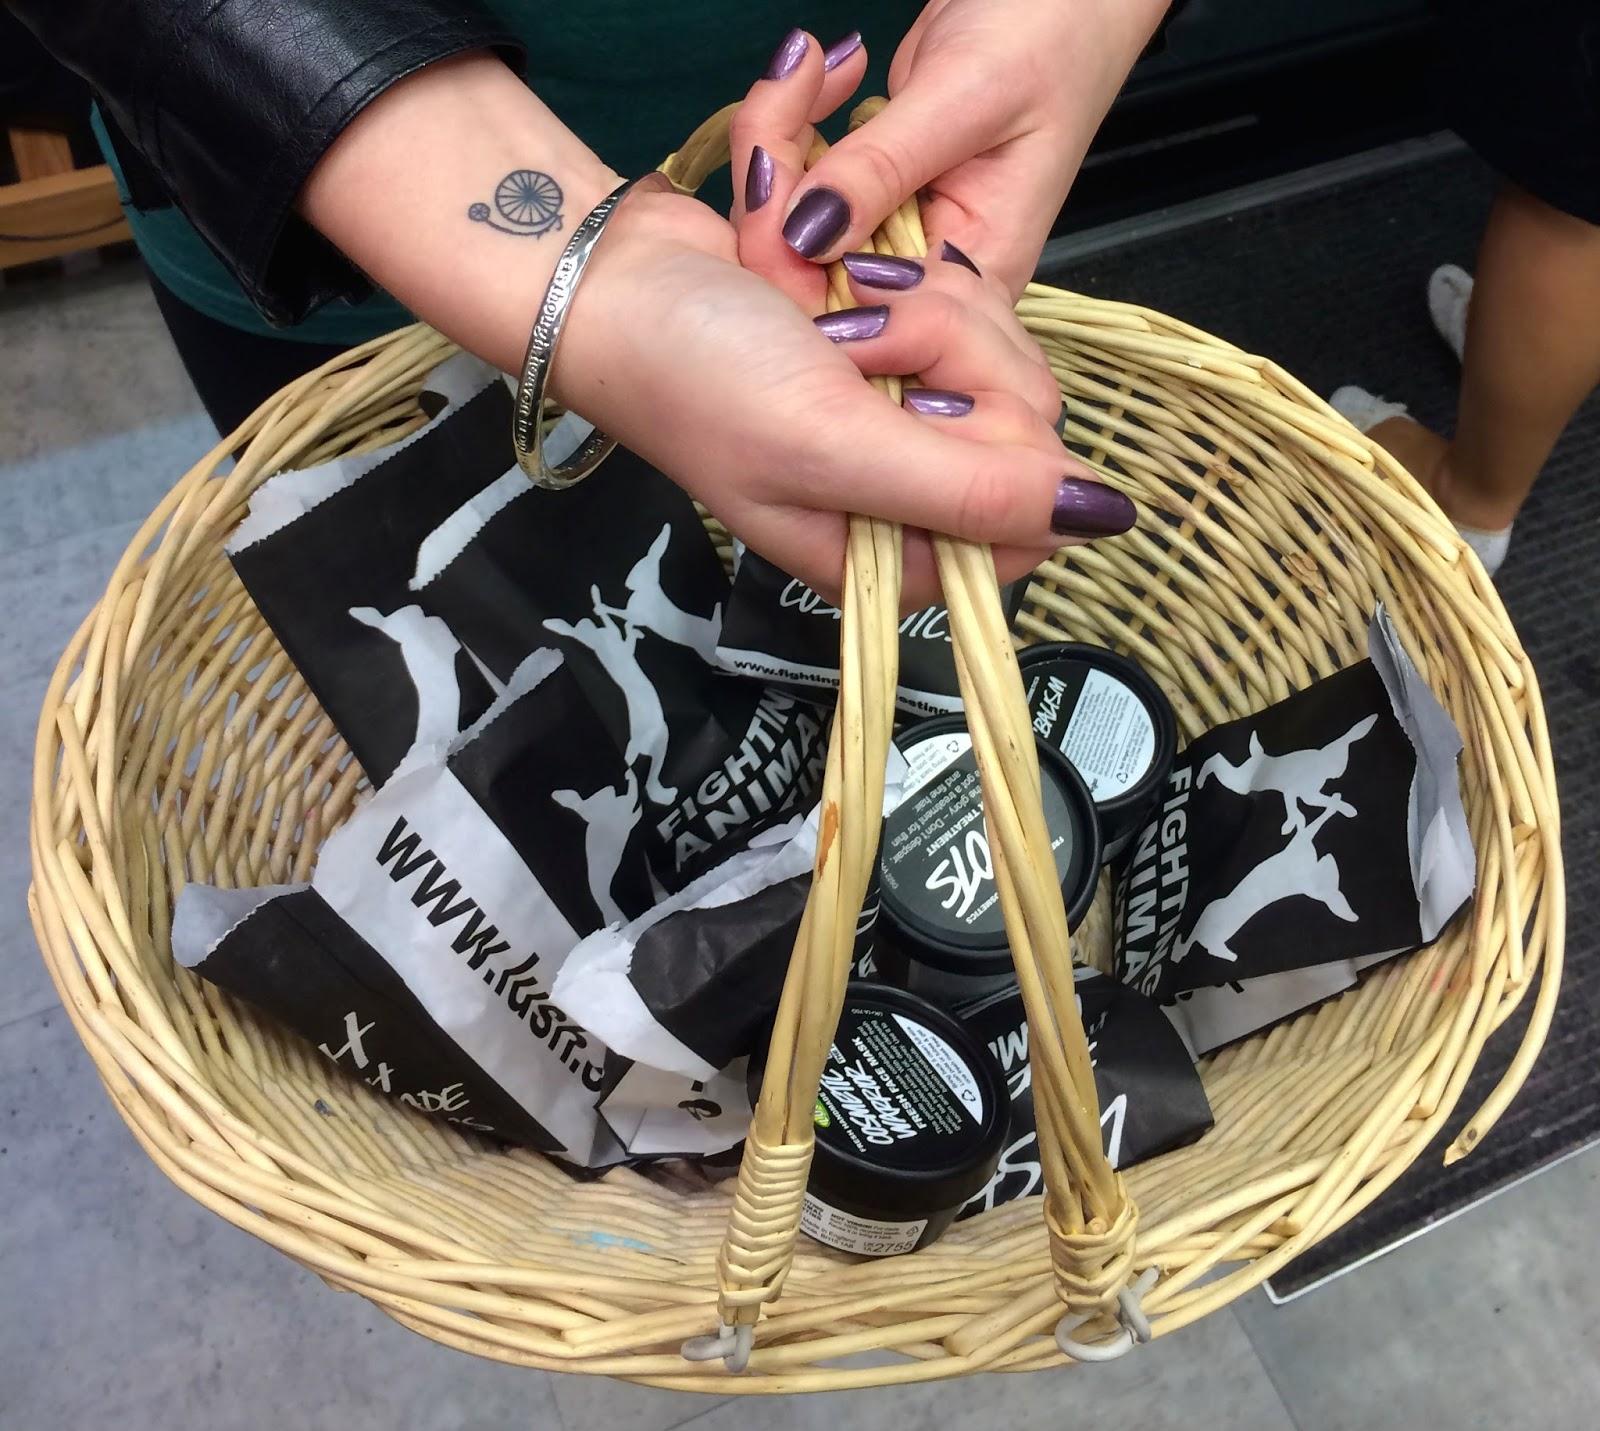 Lush Shopping Basket